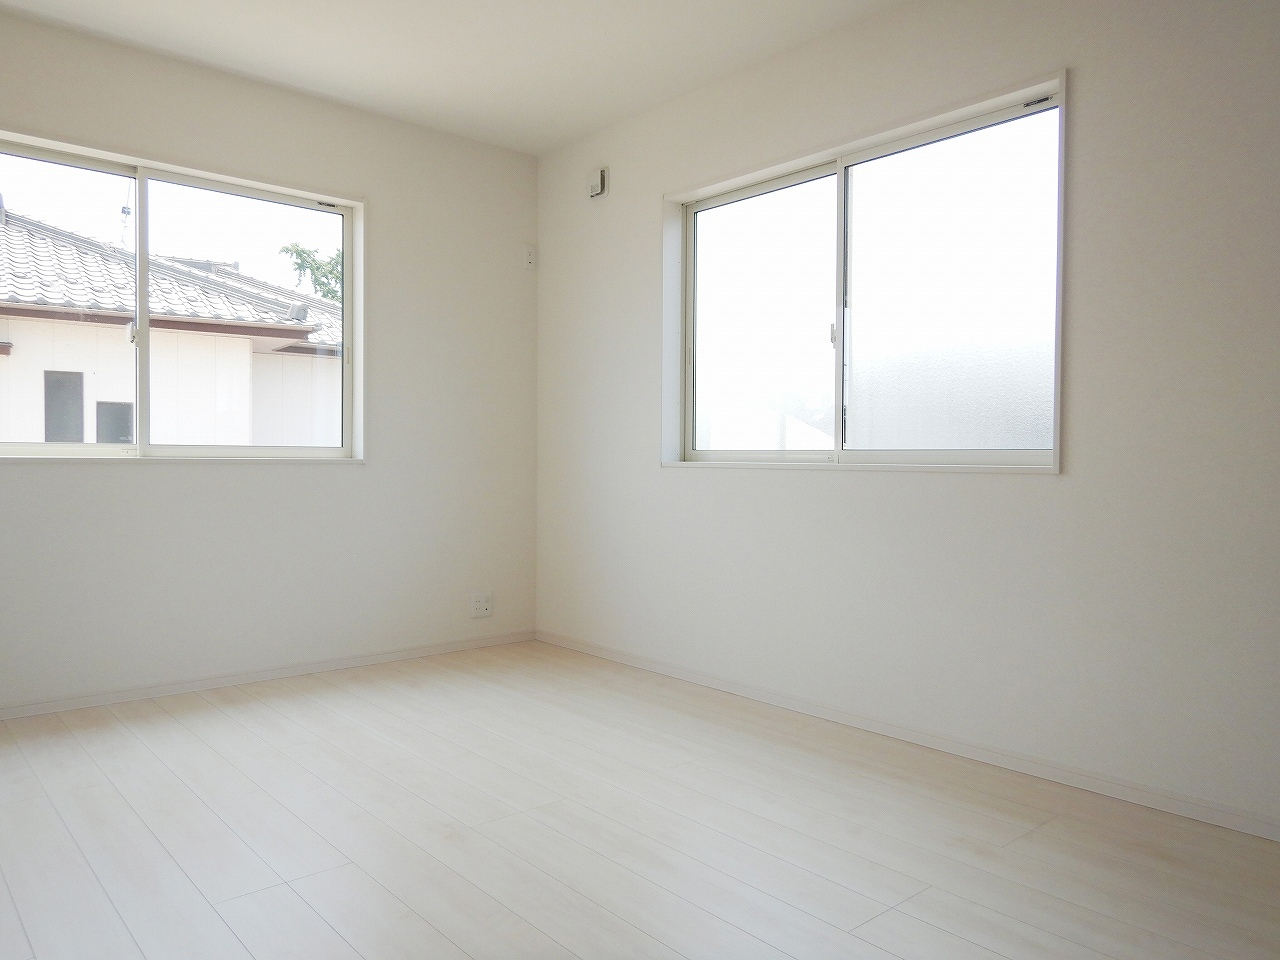 南側に面した明るい洋室! 施工事例。実際のものと異なります。